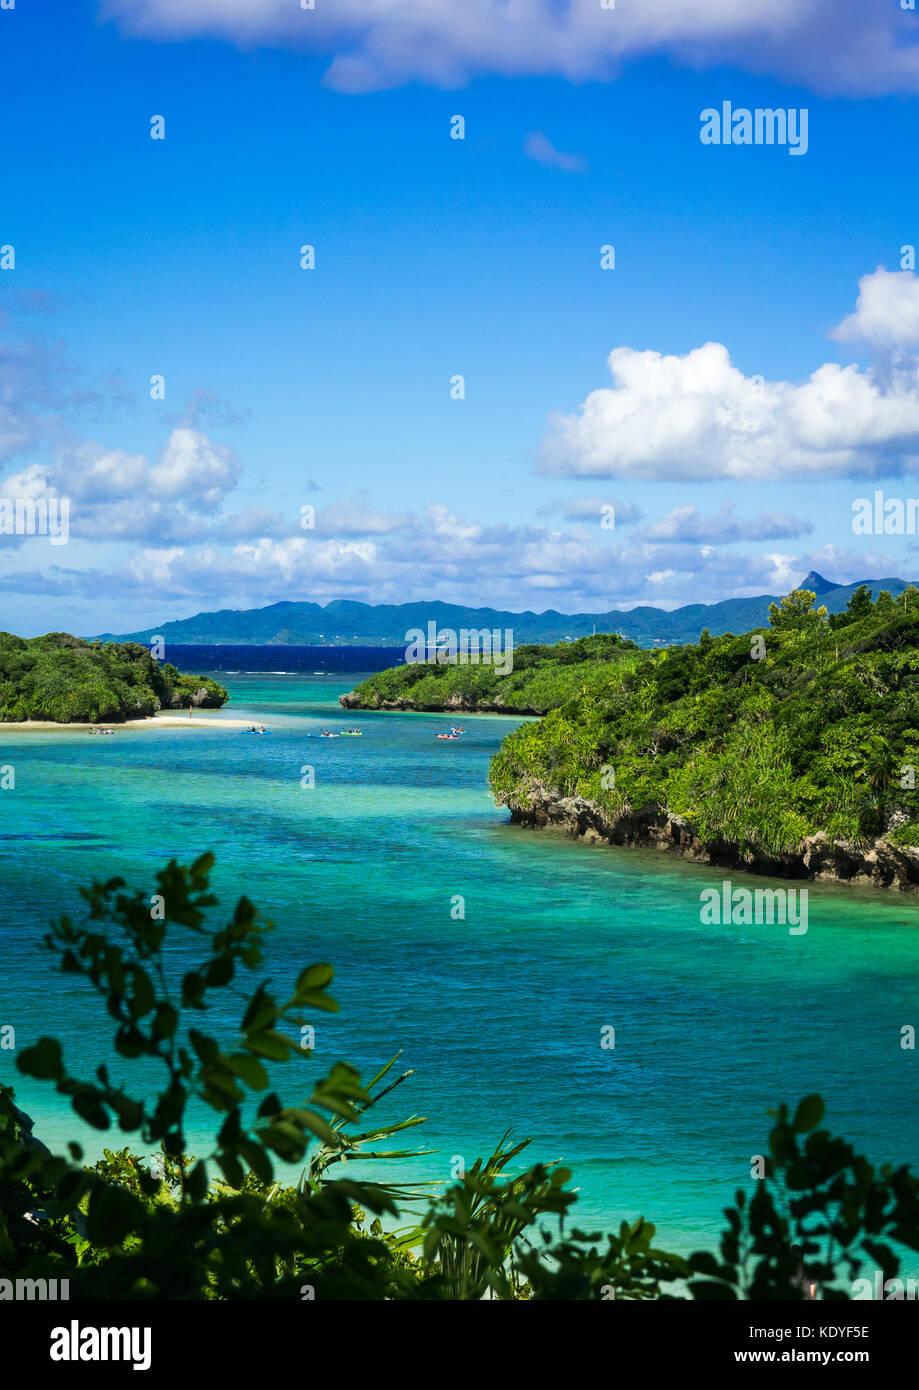 View of scenic Kabira bay and its crystal clear waters, Ishigaki-jima, Yaeyama Islands, Okinawa Prefecture, Japan - Stock Image